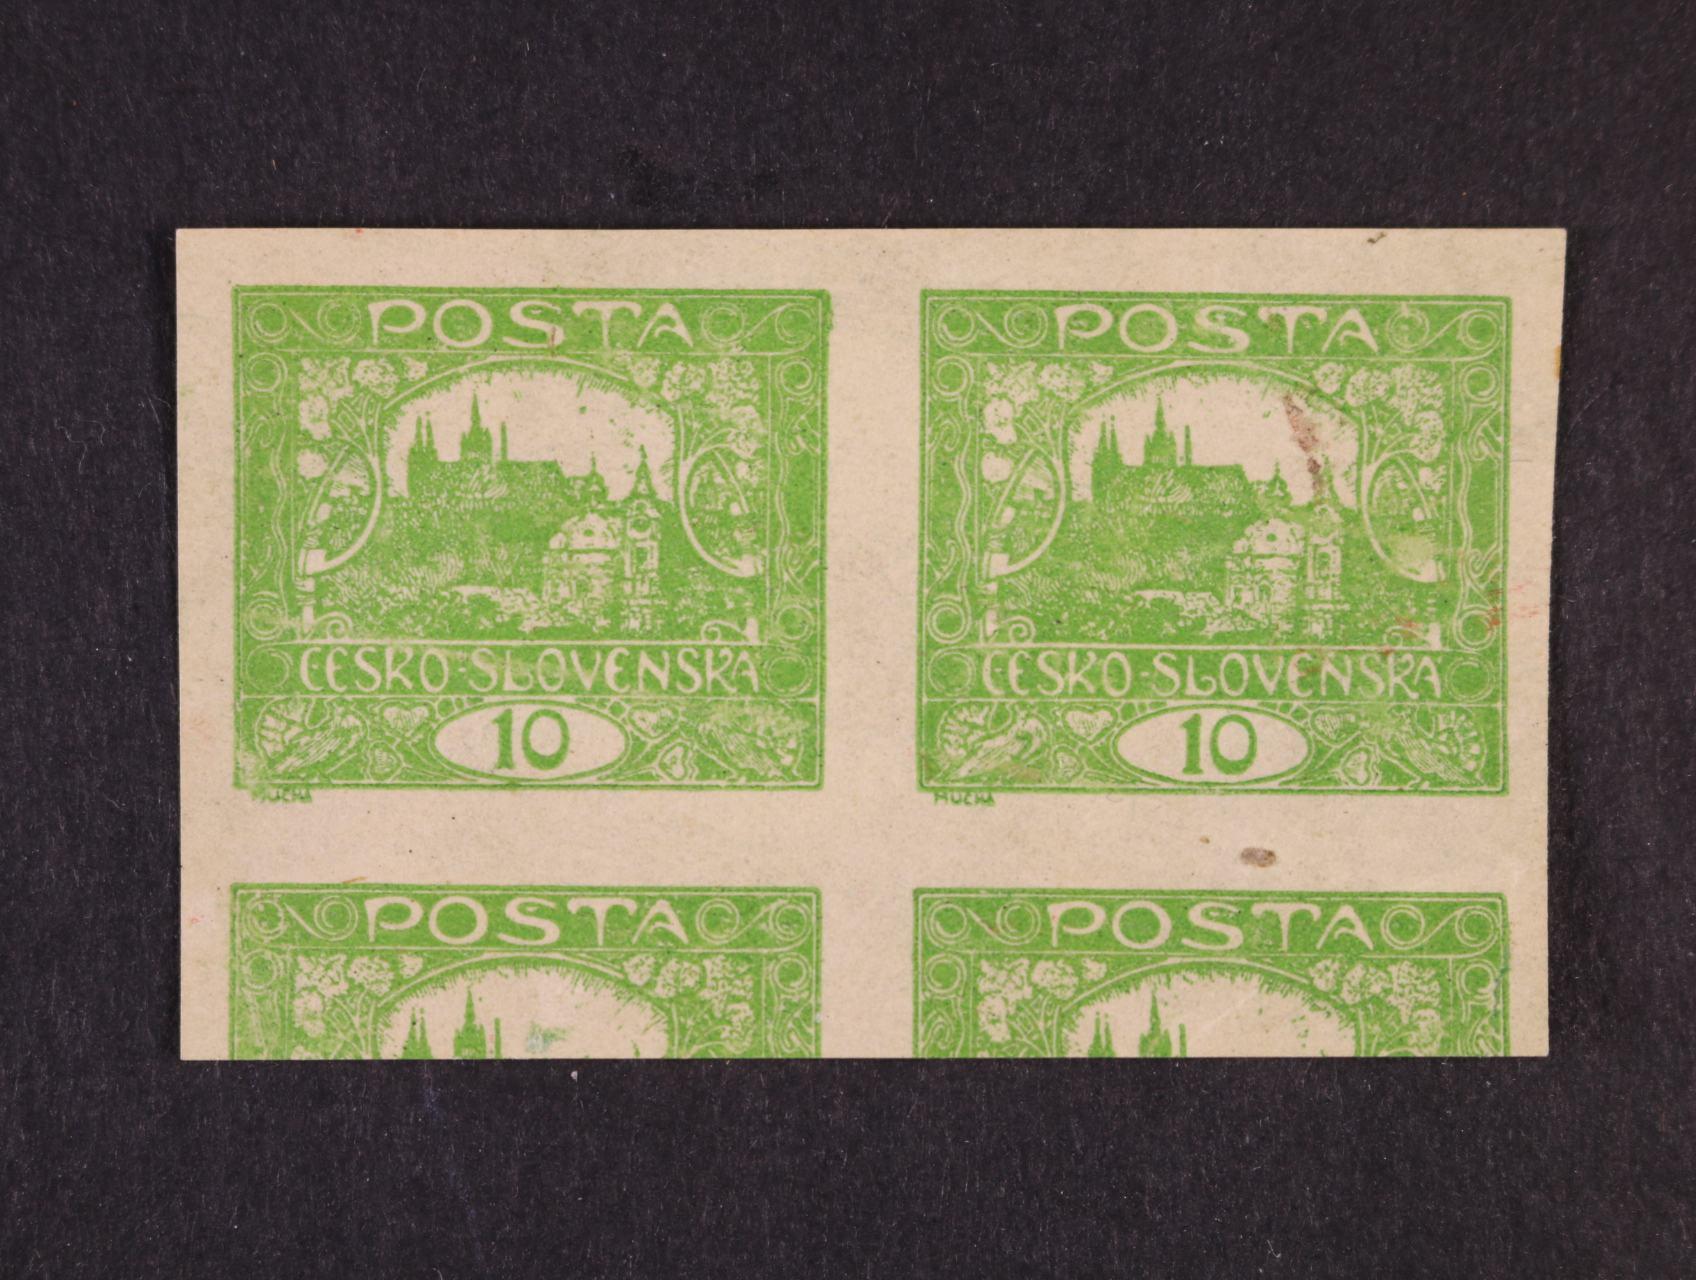 zn. č. 6 STr 10h ve vodorovné dvoupásce, dvojitý tisk stejné hodnoty na přední straně a tisk na lepu se STr, II. typ rámečku ZP 55, TD 1, zk. Vrba, atest Vrba, jedná se o jednu z nejdražších variant hradčanských známek